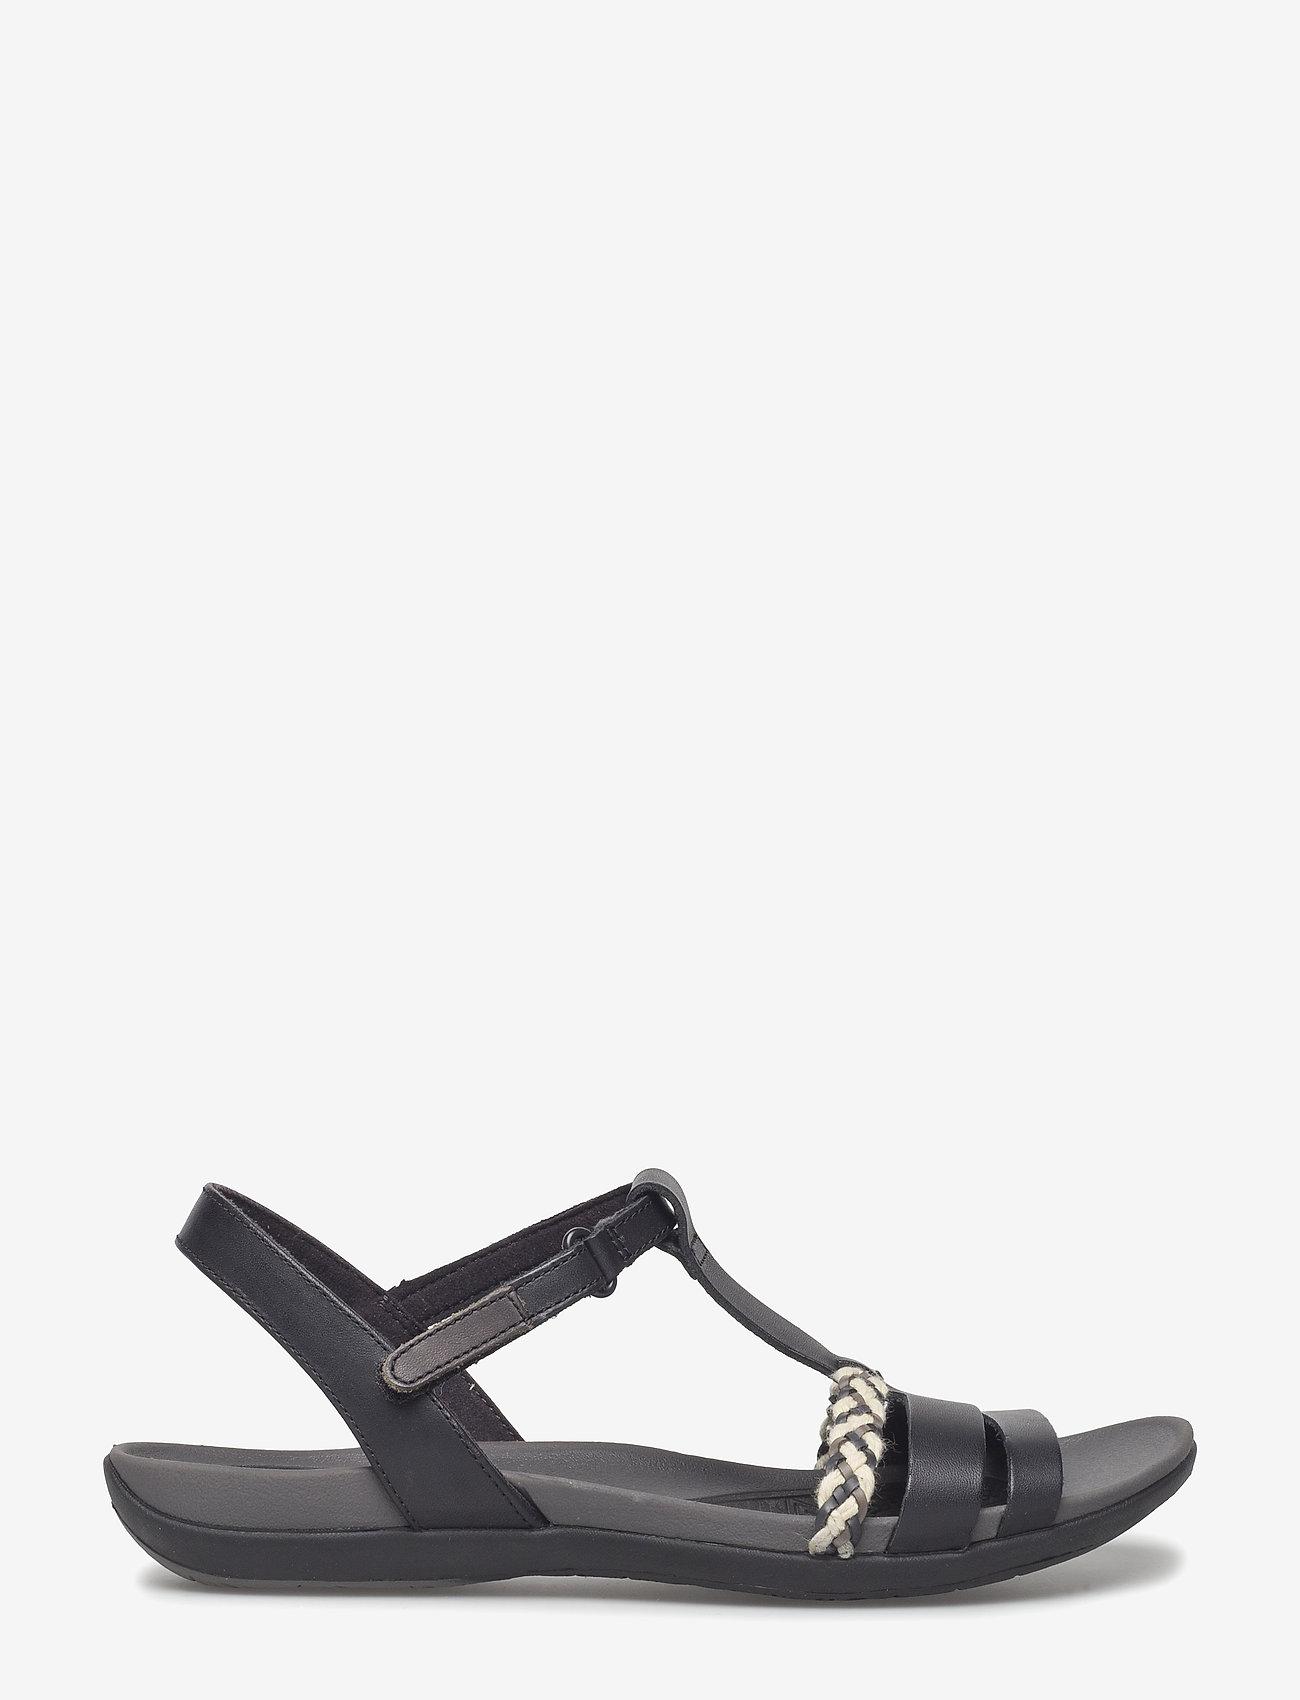 Clarks - Tealite Grace - platta sandaler - black leather - 1